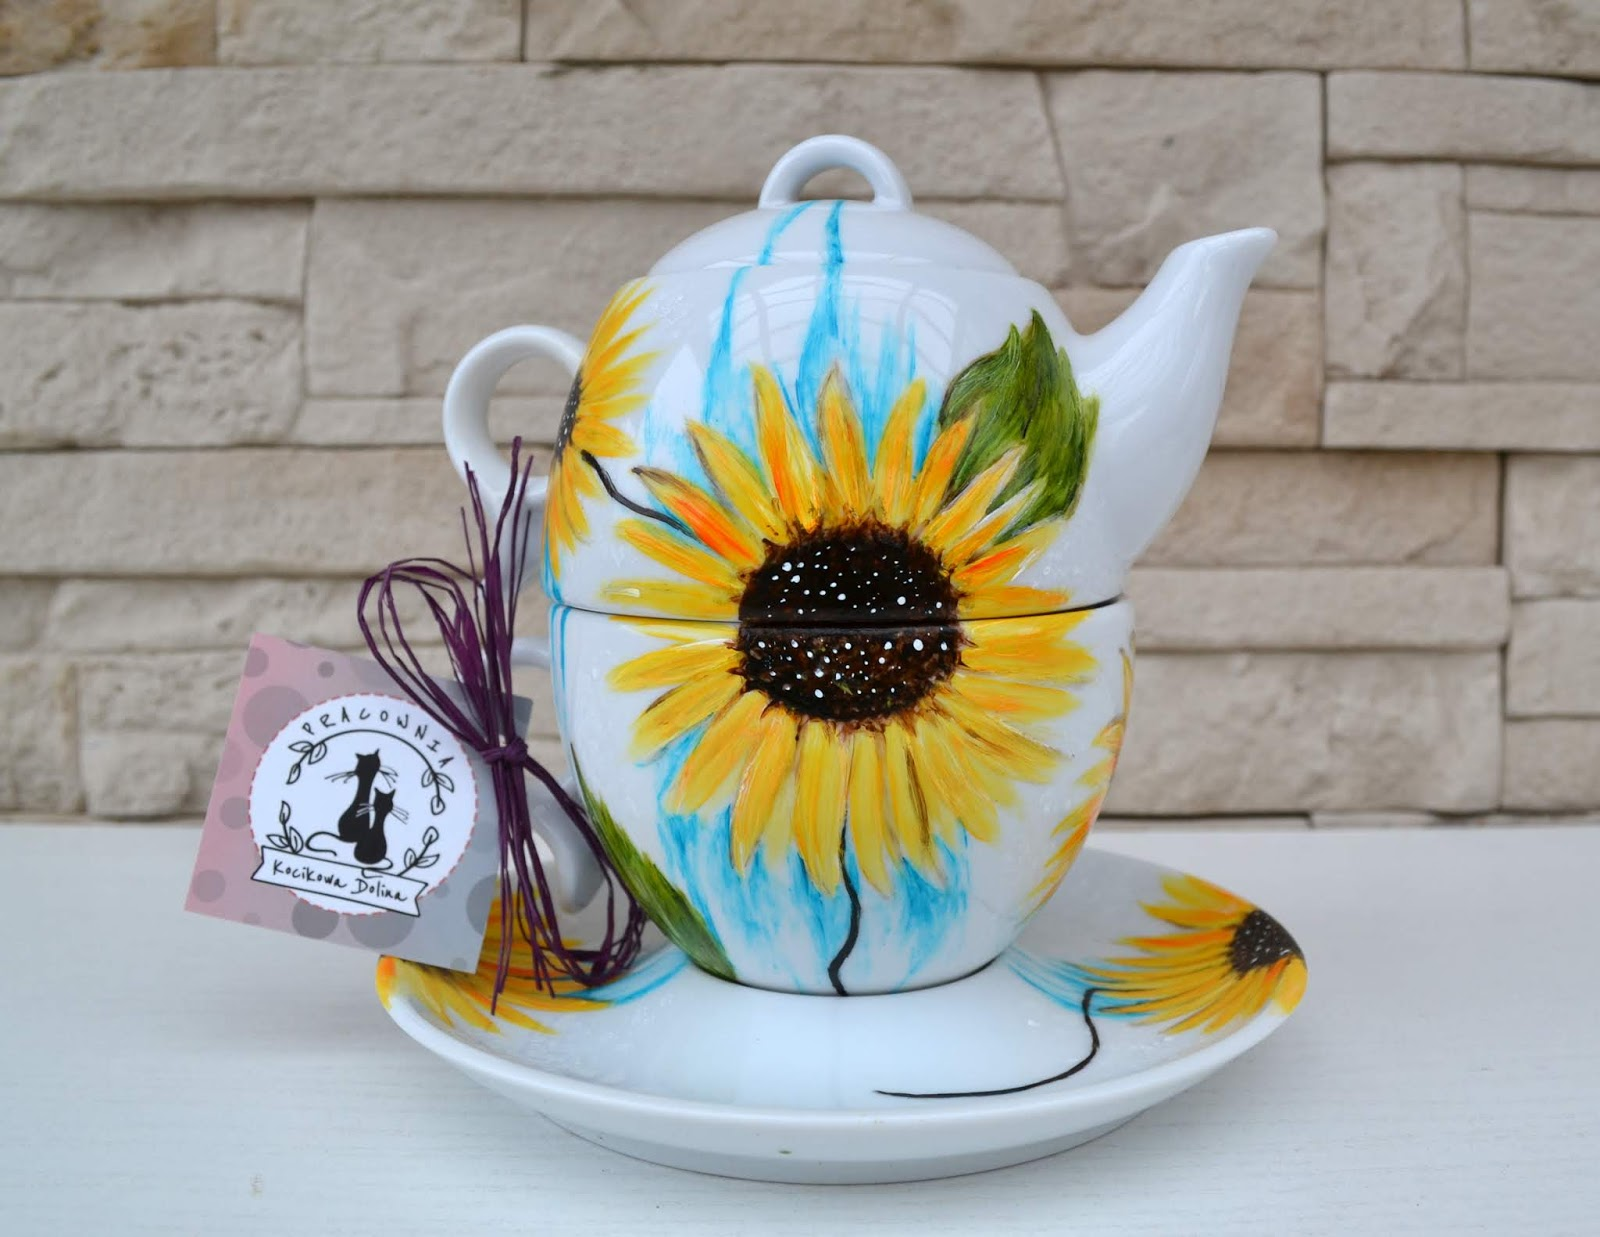 Życie mija jak sen.. więc żyjmy naprawdę i spotkajmy się kiedyś przy kominku z filiżanką herbaty...